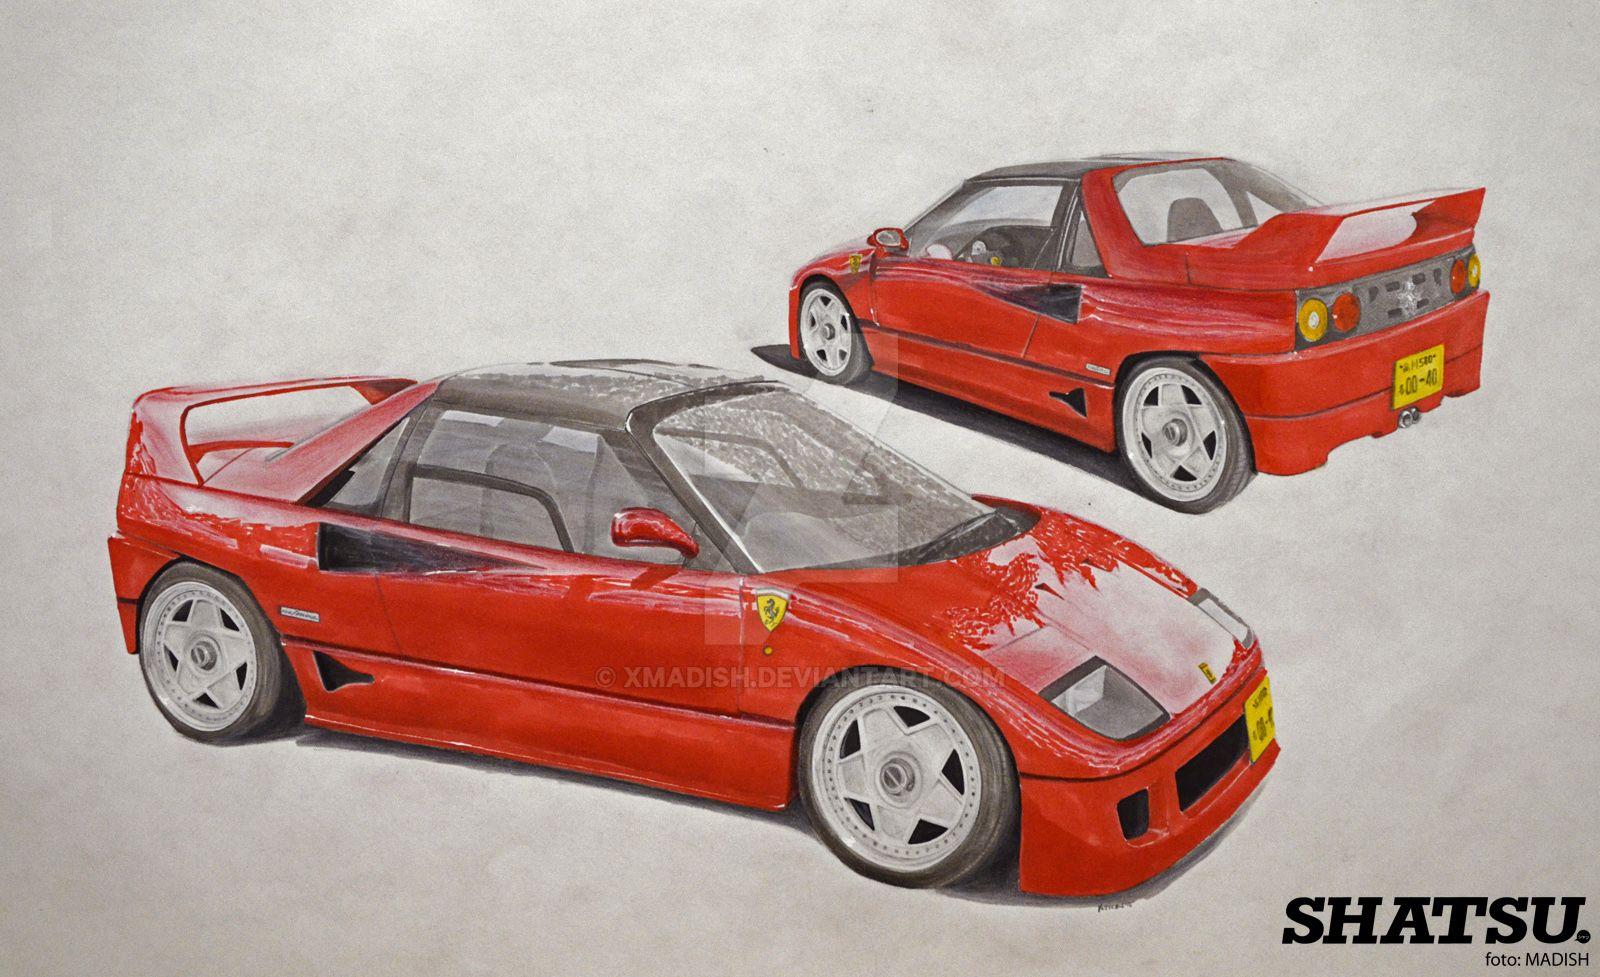 Madish Mazda Autozam AZ-1 Ferrari F40 replica by xMadish